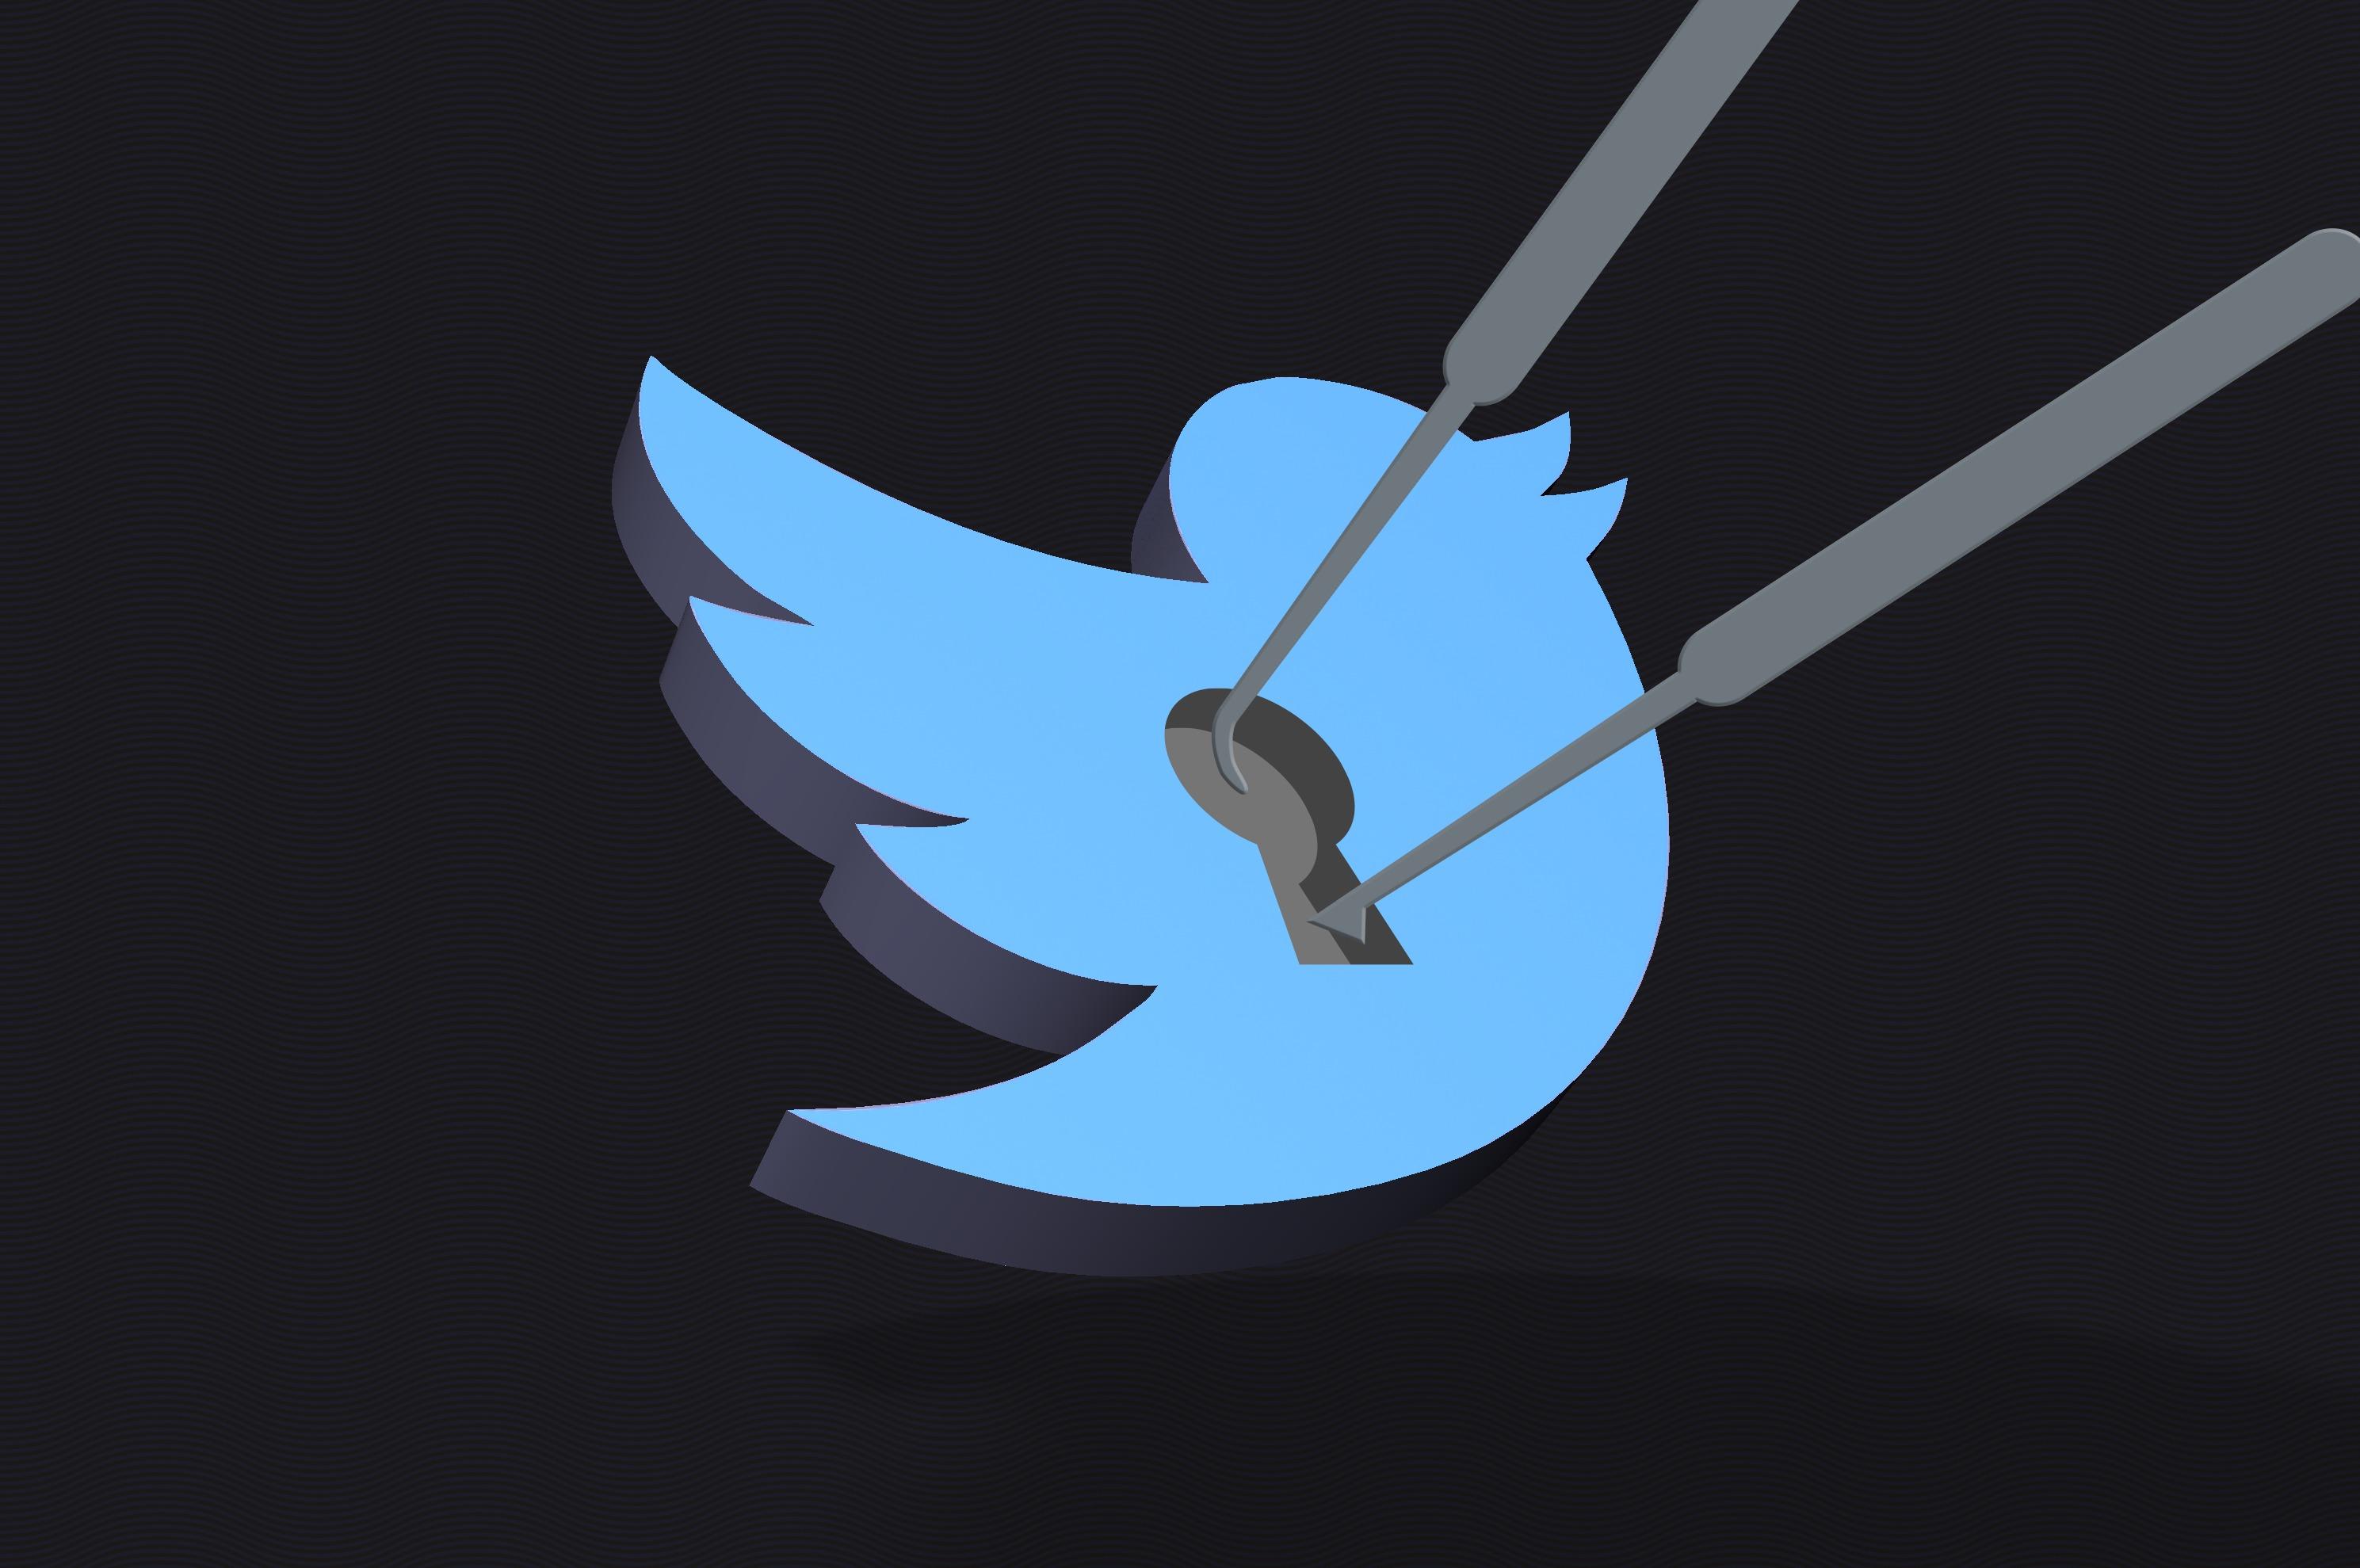 Cientos de cuentas de Twitter fueron vulneradas debido a reconocido plugin de Wordpress